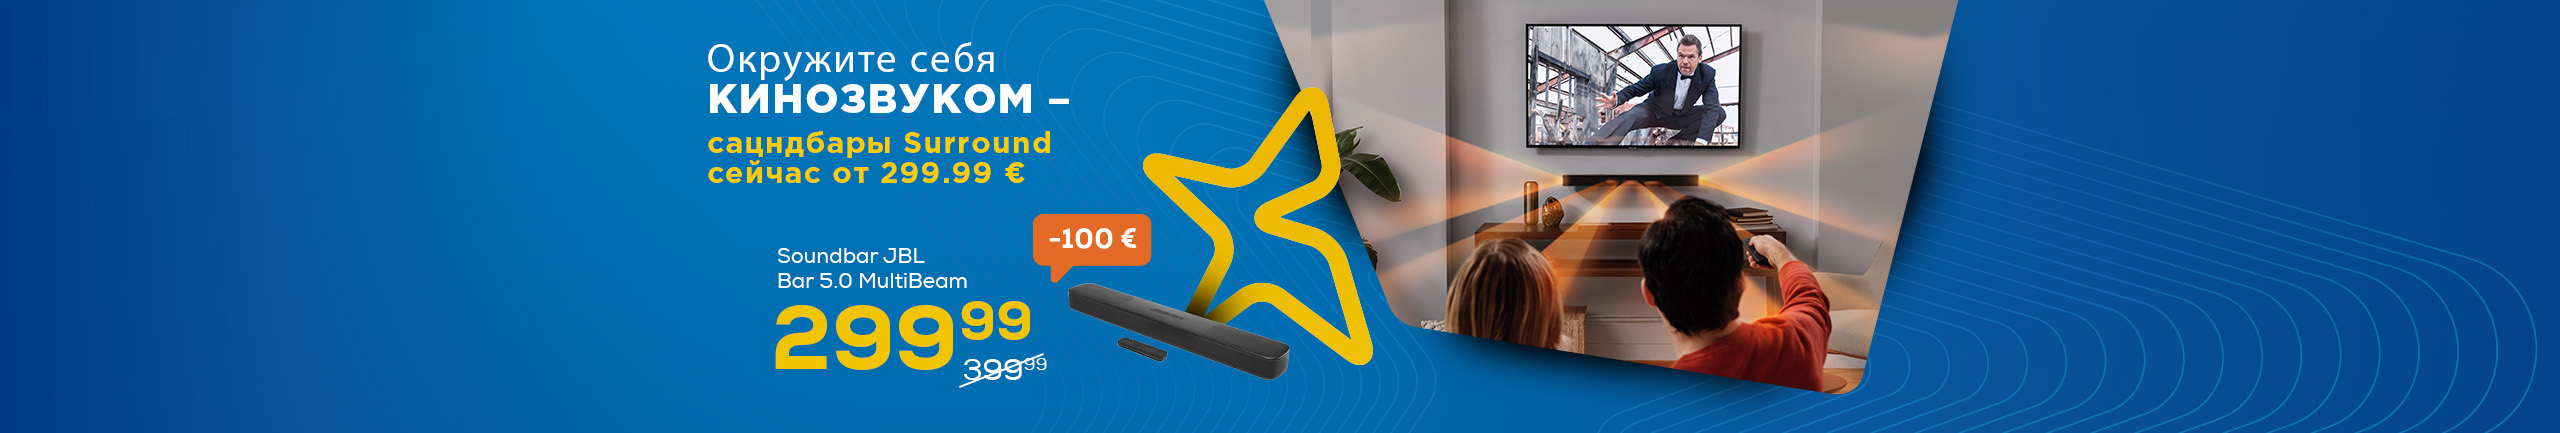 Cацндбары Surround сейчас от 299,99€!